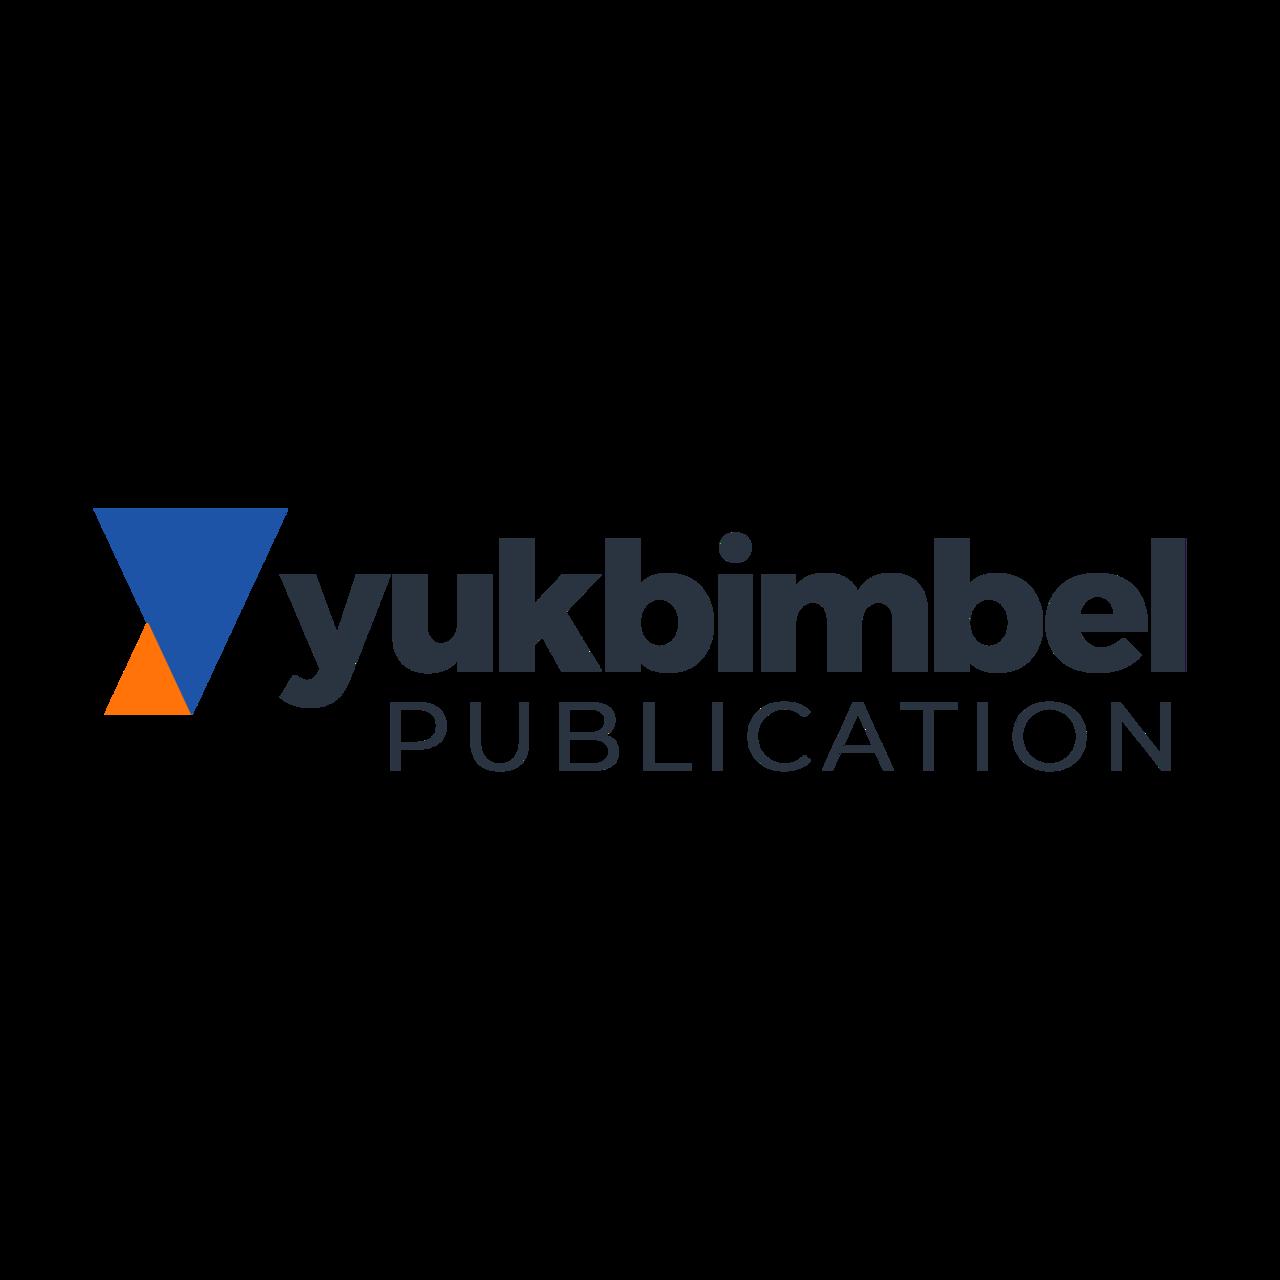 Yukbimbel Blog